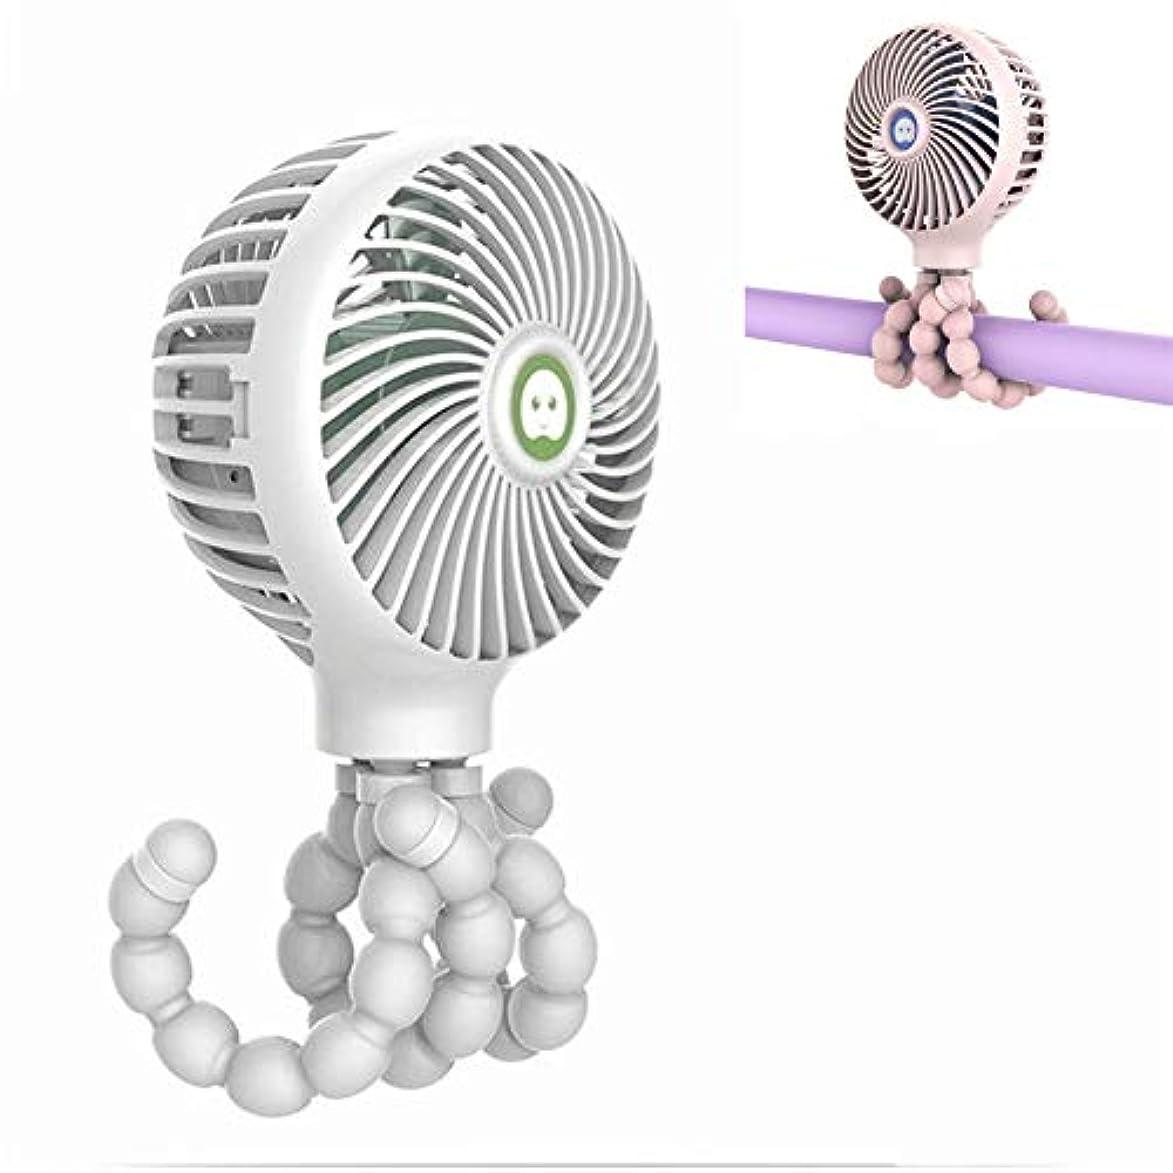 十億嘆くカスタムミニポータブルベビーカーファンポータブルデスクパーソナルポータブルベビーベッド換気扇冷却ファン付きUSB充電式バッテリー,Silver